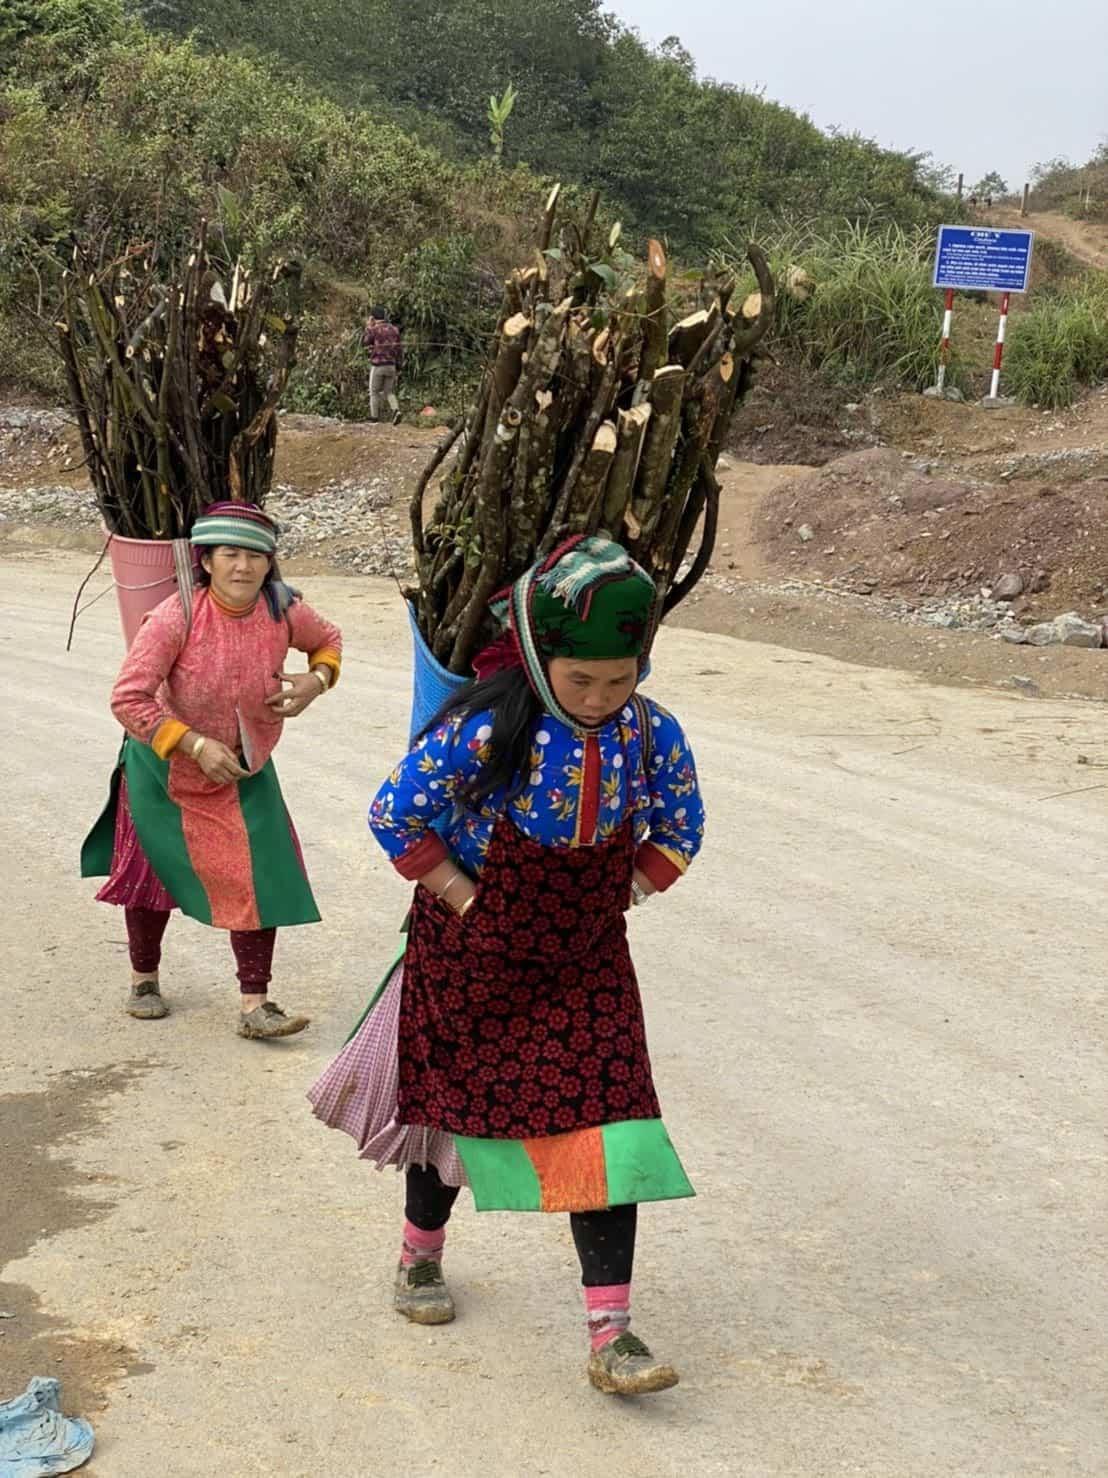 【越南自助】中國越南邊界小地方輕旅行 : 特色、景點、住宿、行程、交通懶人包整理